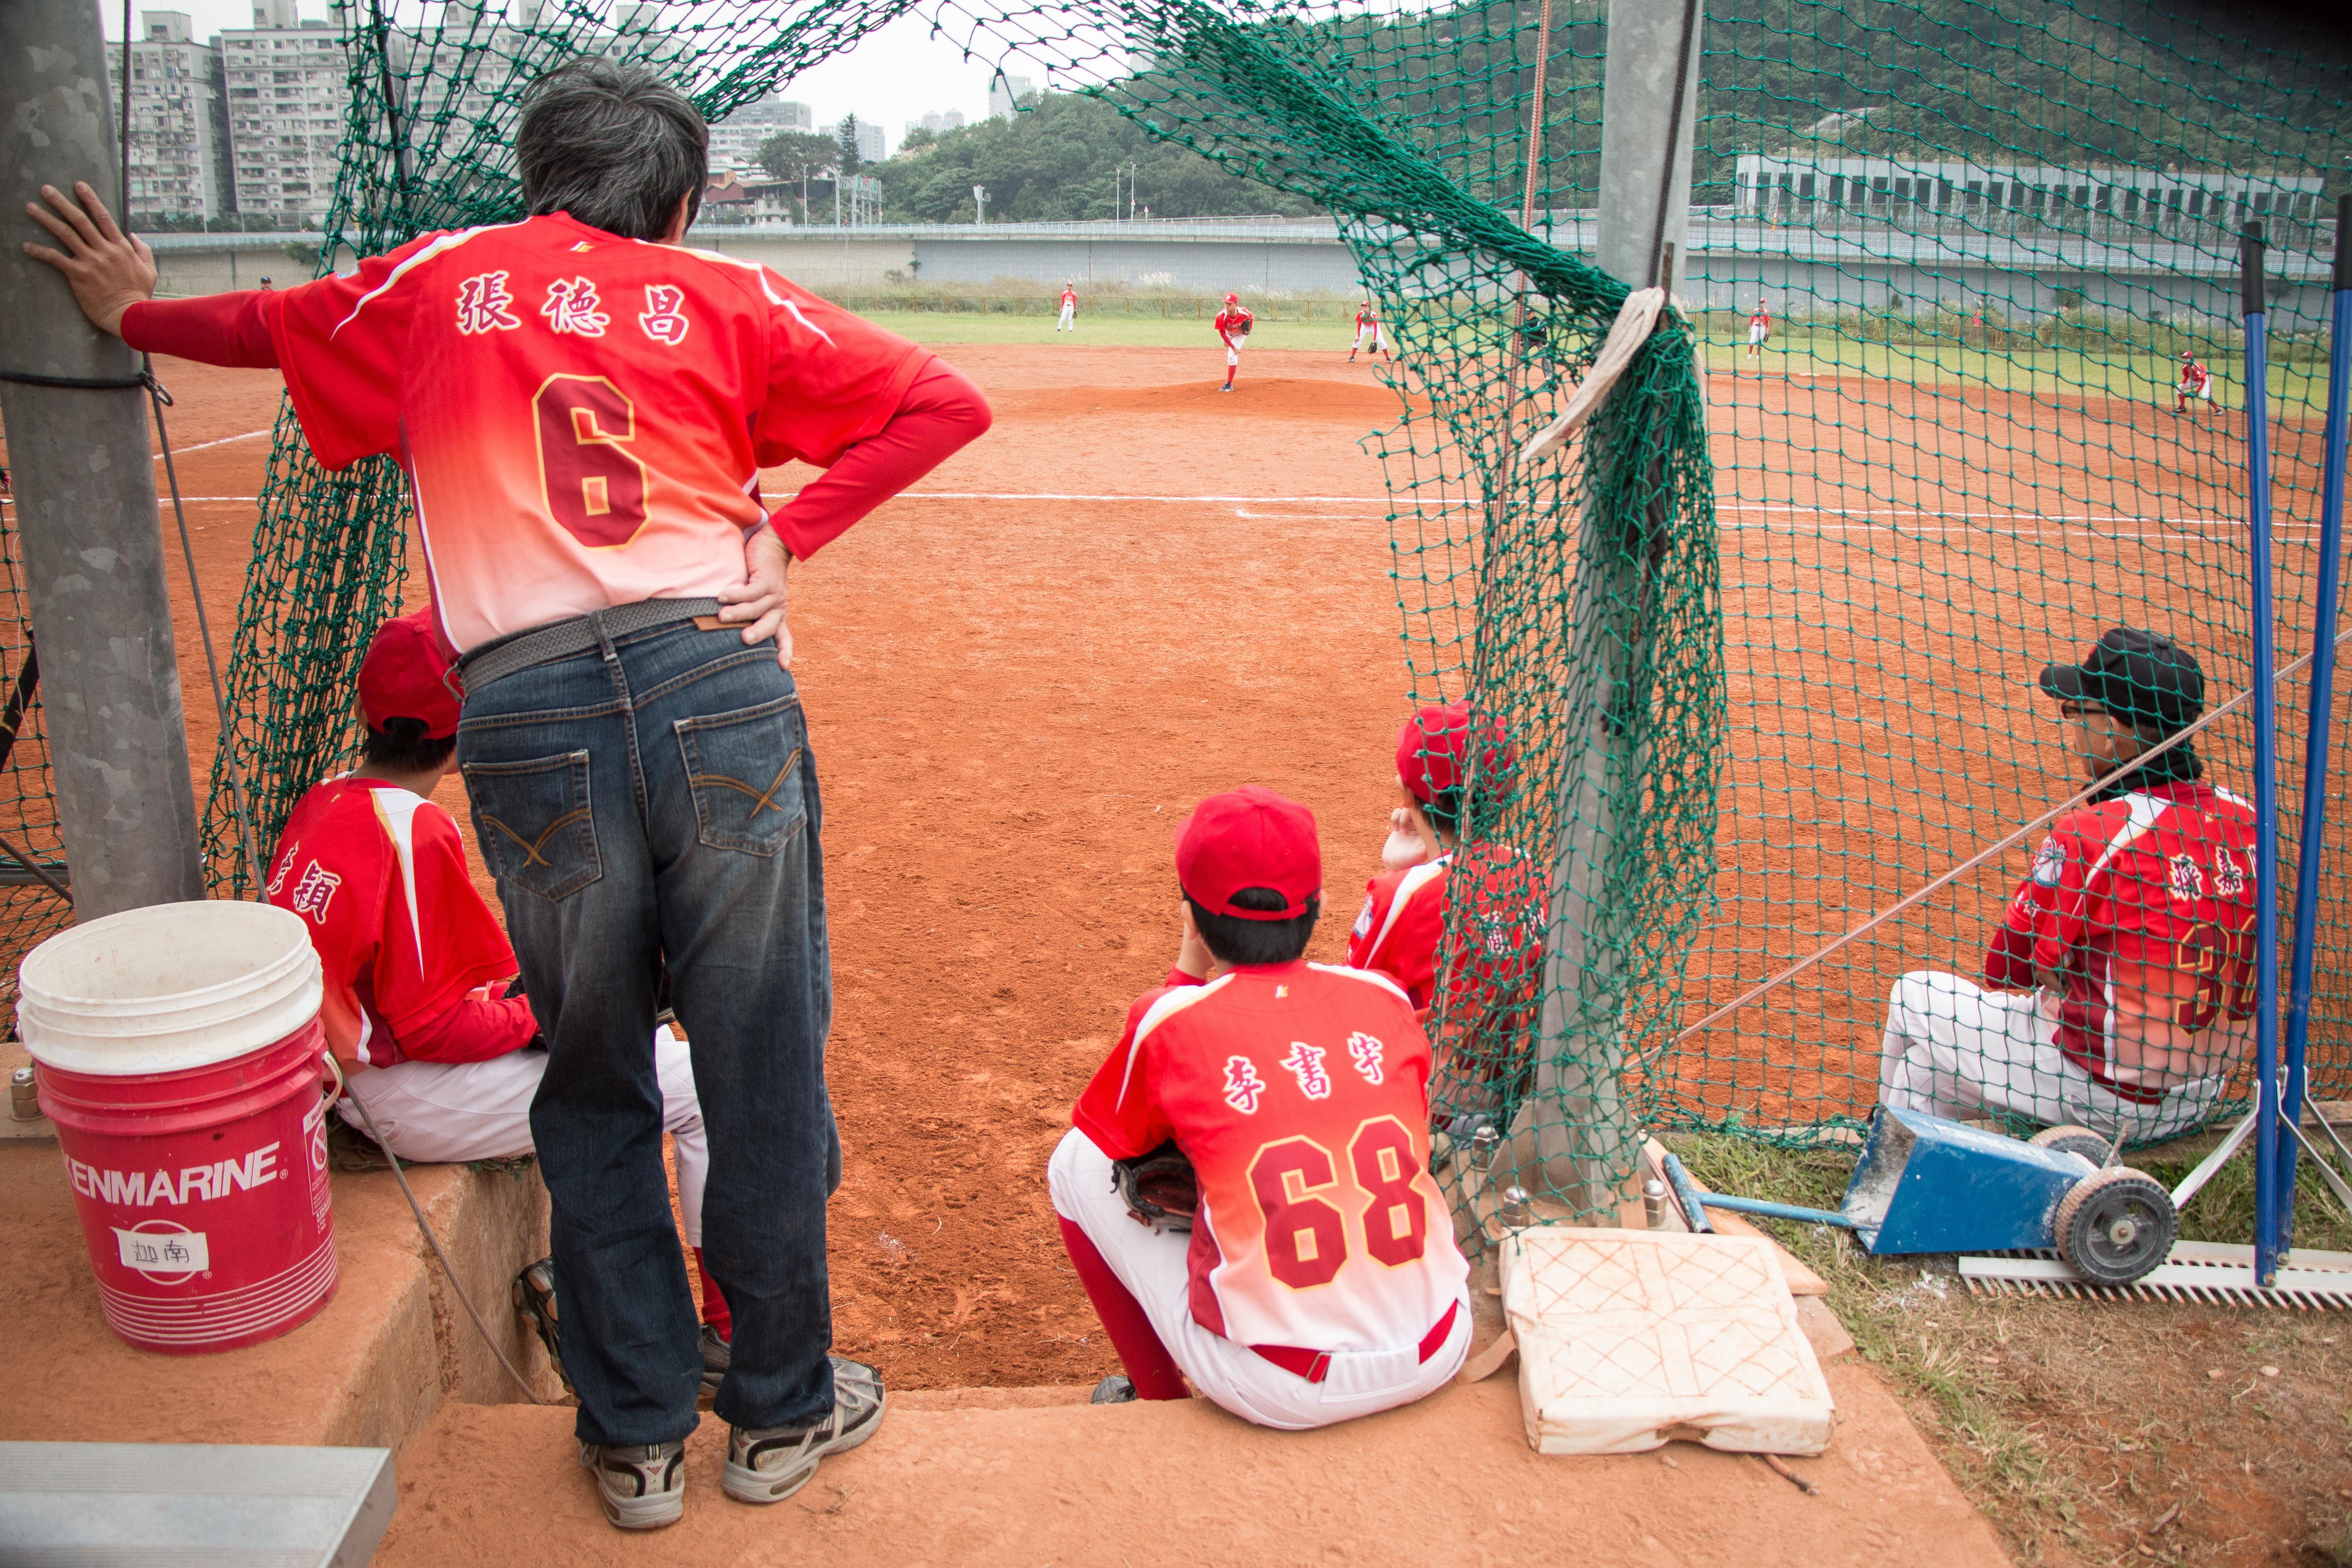 小球員們心繫場上隊友的表現,氣氛緊張。攝影/李振均